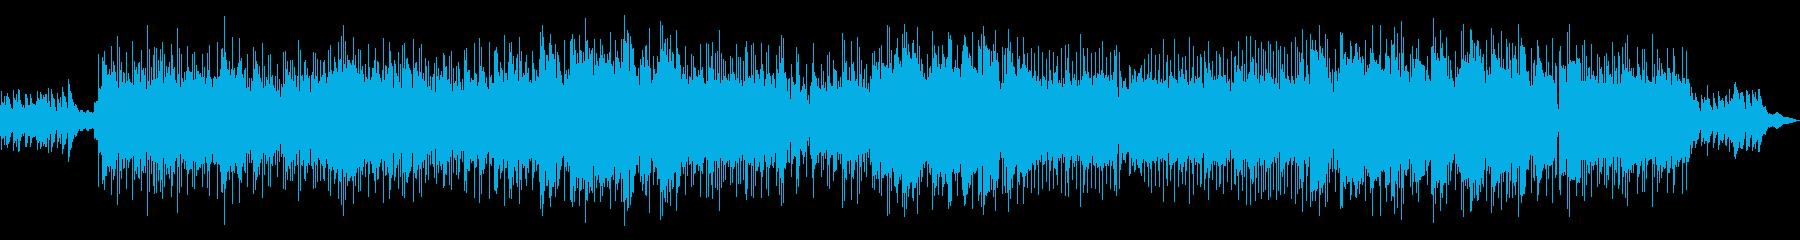 沖縄戦について語った曲の再生済みの波形